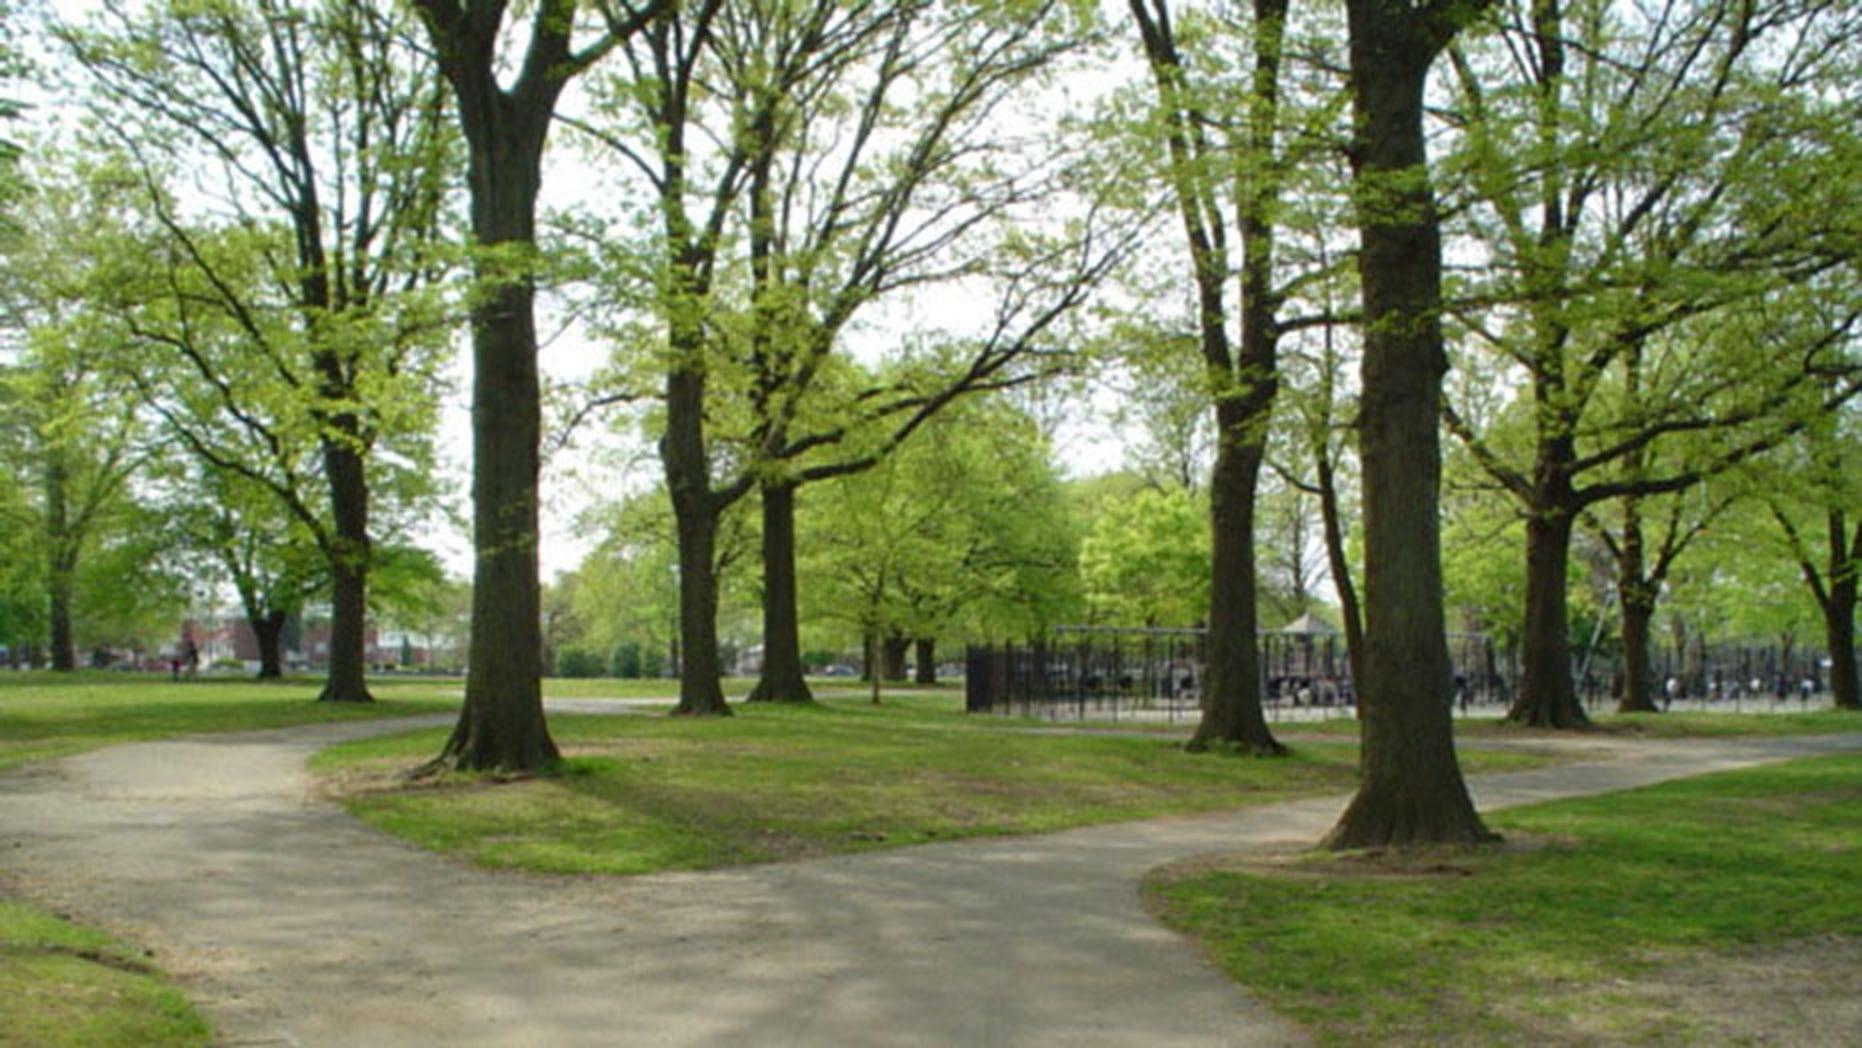 Canarsie Park in Brooklyn, N.Y.